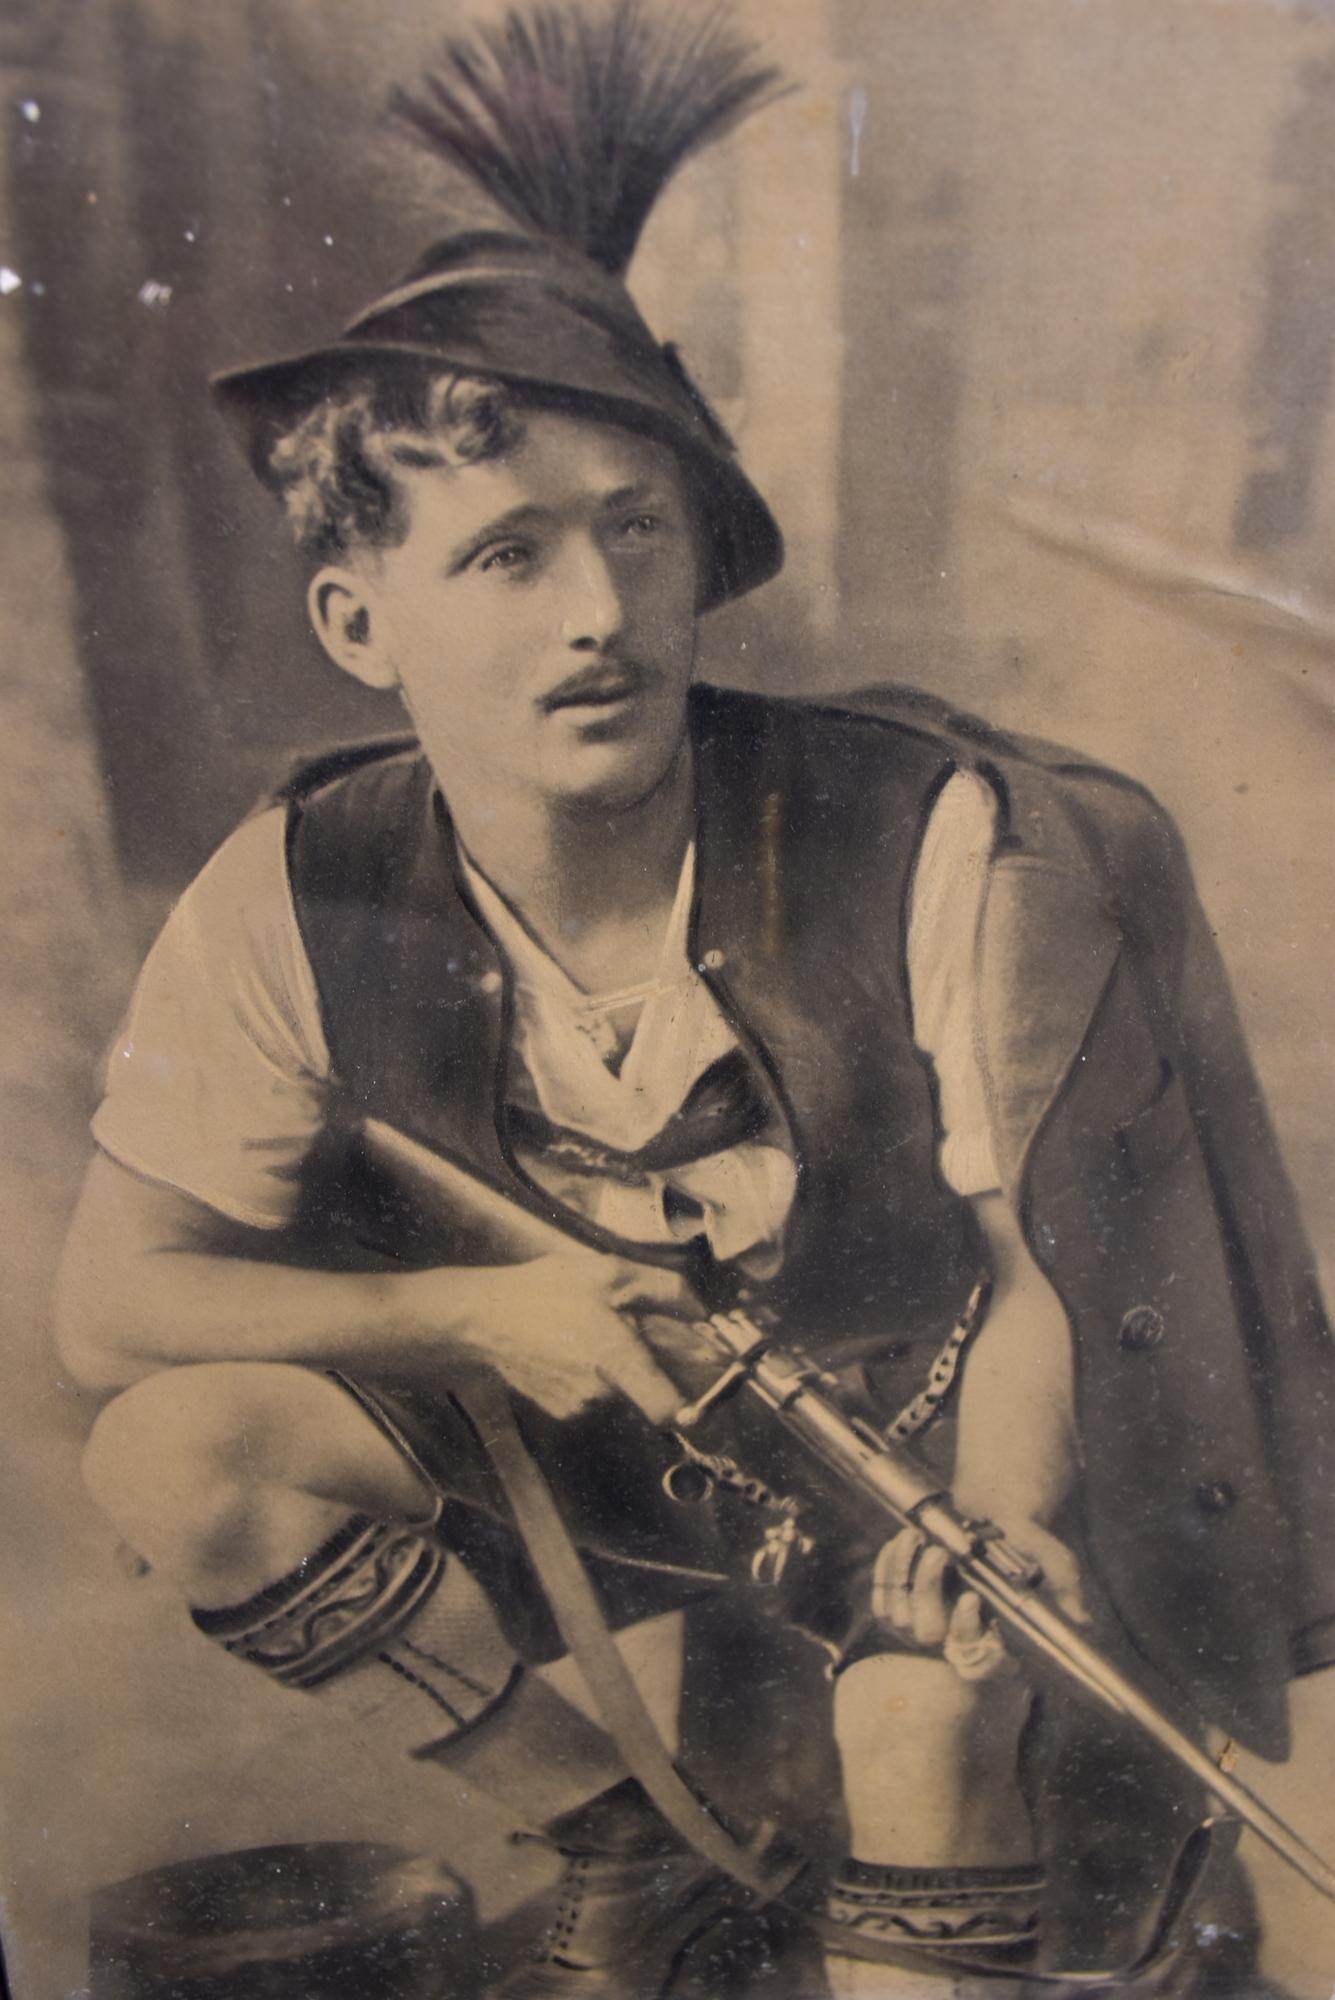 Vor 100 Jahren wurde der Wilderer Josef Hacker erschossen